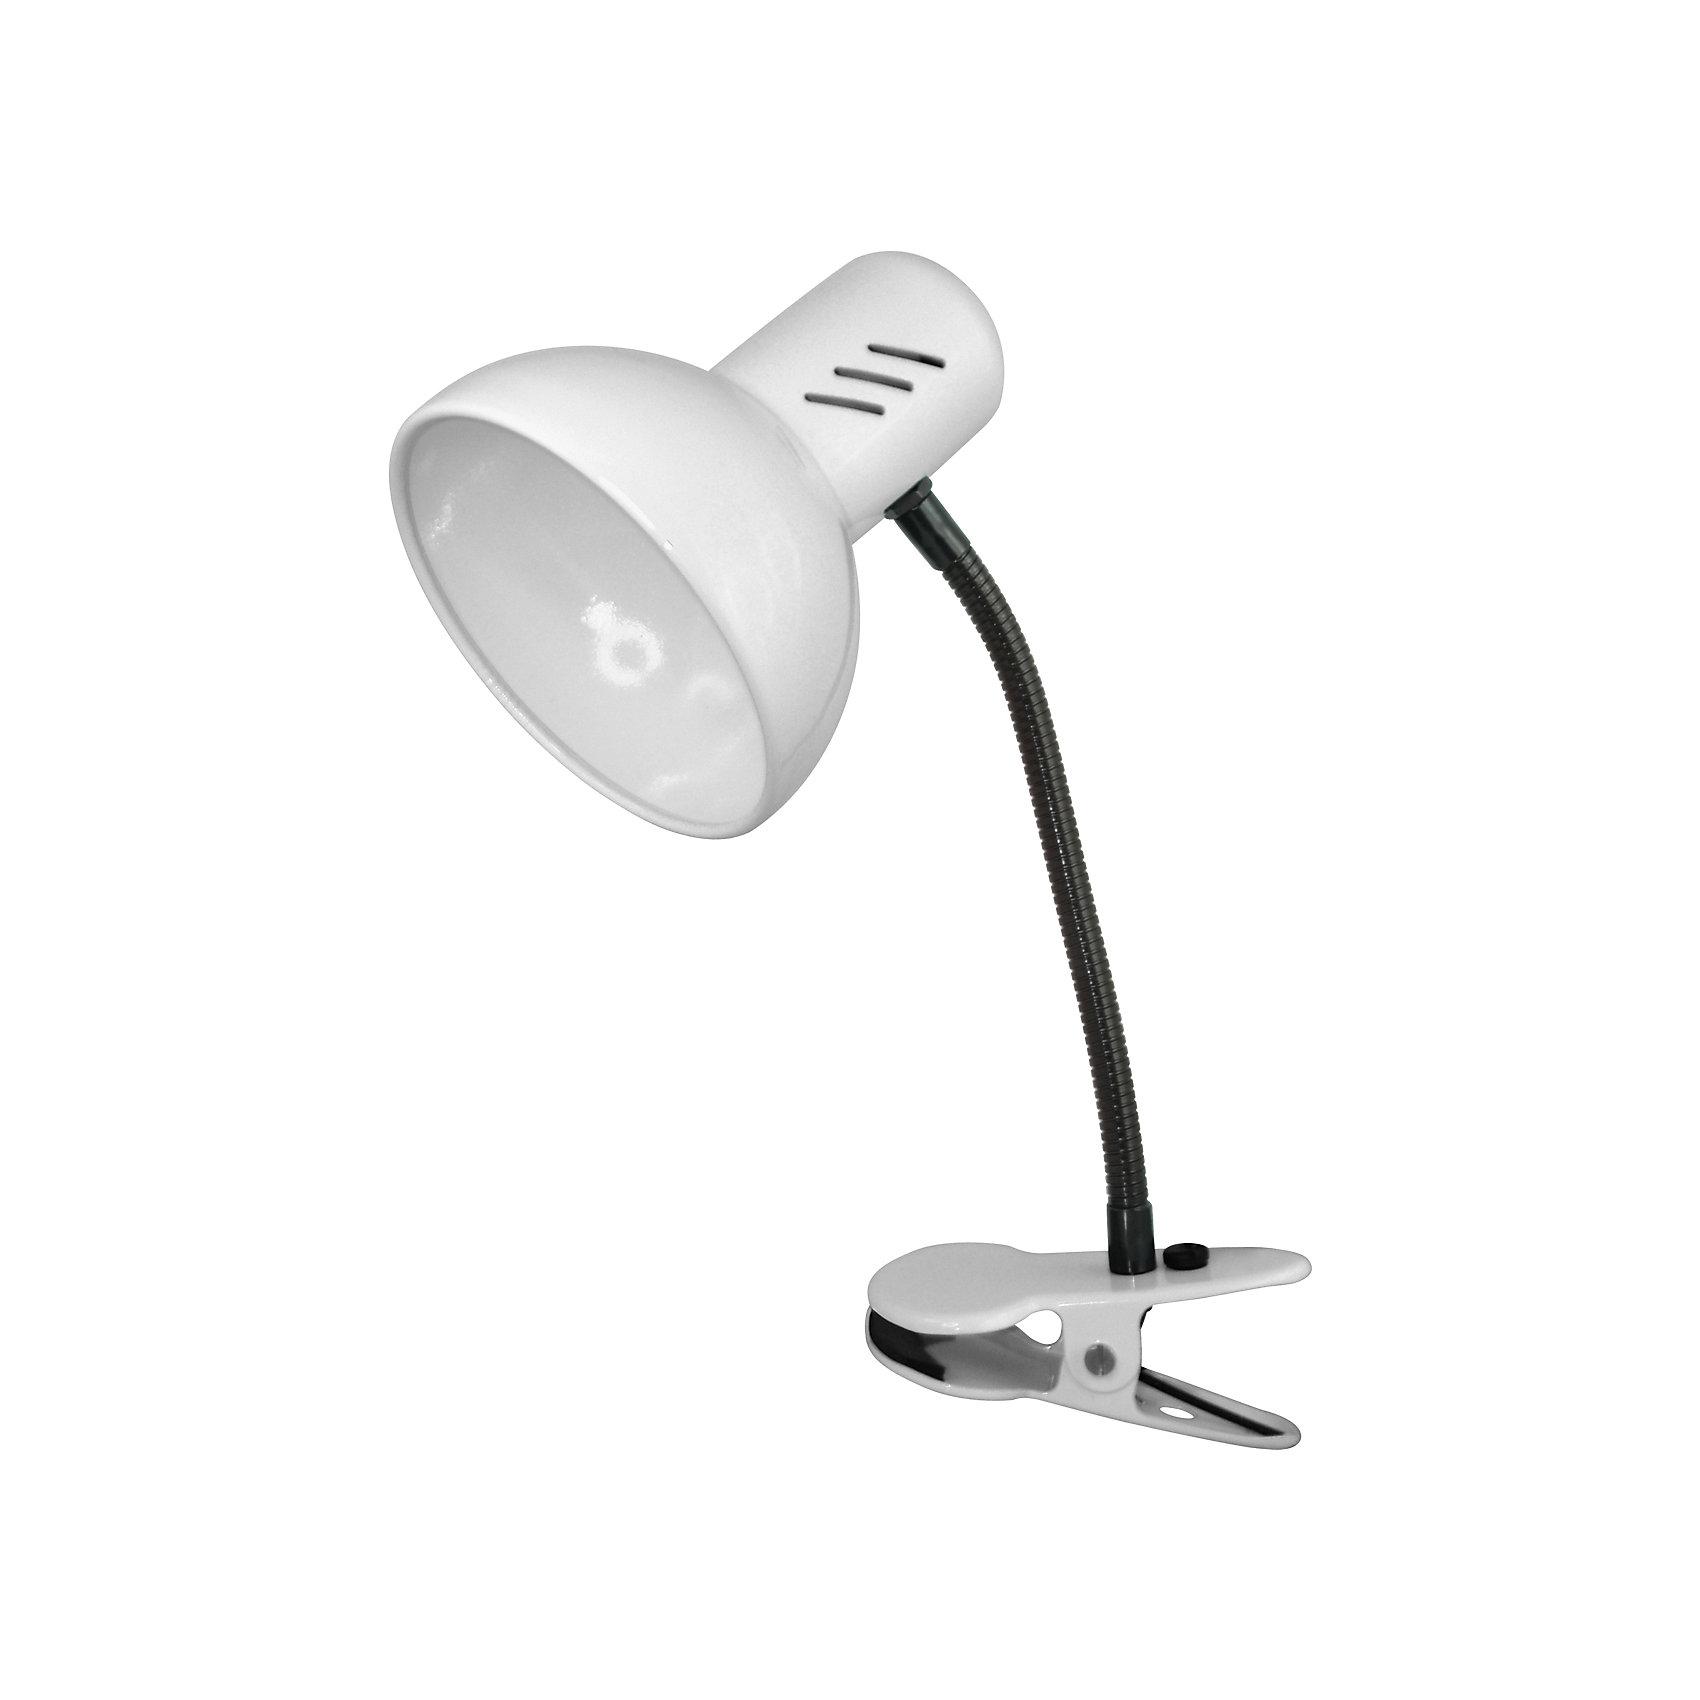 Белый светильник, 40 ВтБелый светильник, 40 Вт – это классический светильник для освещения рабочего стола.<br>Белый светильник классического дизайна идеально подойдет для освещения рабочего места дома и в офисе. Светильник крепиться с помощью зажима-прищепки. Плафон изготовлен из облегчённого металла, покрыт специальной устойчивой эмалью. Патрон светильника прочно закреплён, изготовлен из керамики. Сетевой шнур с вилкой длиной 1,8м. имеет двойную изоляцию, не требует заземления. Вилка изготовлена из пластичного материала, предотвращающего появление трещин. Светильник удобен и практичен в использовании.<br><br>Дополнительная информация: <br><br>- Материал плафона: металл<br>- Цвет: белый<br>- Питание: от сети 220В<br>- Тип цоколя: E27<br>- Мощность лампы: 40 Вт<br>- Длина шнура питания с вилкой: 1,8 м.<br>- Размер светильника: 17х22,5х12,5 см.<br>- Размер упаковки: 24х16х14 см.<br>- Вес: 642 гр.<br><br>Белый светильник, 40 Вт можно купить в нашем интернет-магазине.<br><br>Ширина мм: 240<br>Глубина мм: 160<br>Высота мм: 140<br>Вес г: 642<br>Возраст от месяцев: 36<br>Возраст до месяцев: 192<br>Пол: Унисекс<br>Возраст: Детский<br>SKU: 4641470